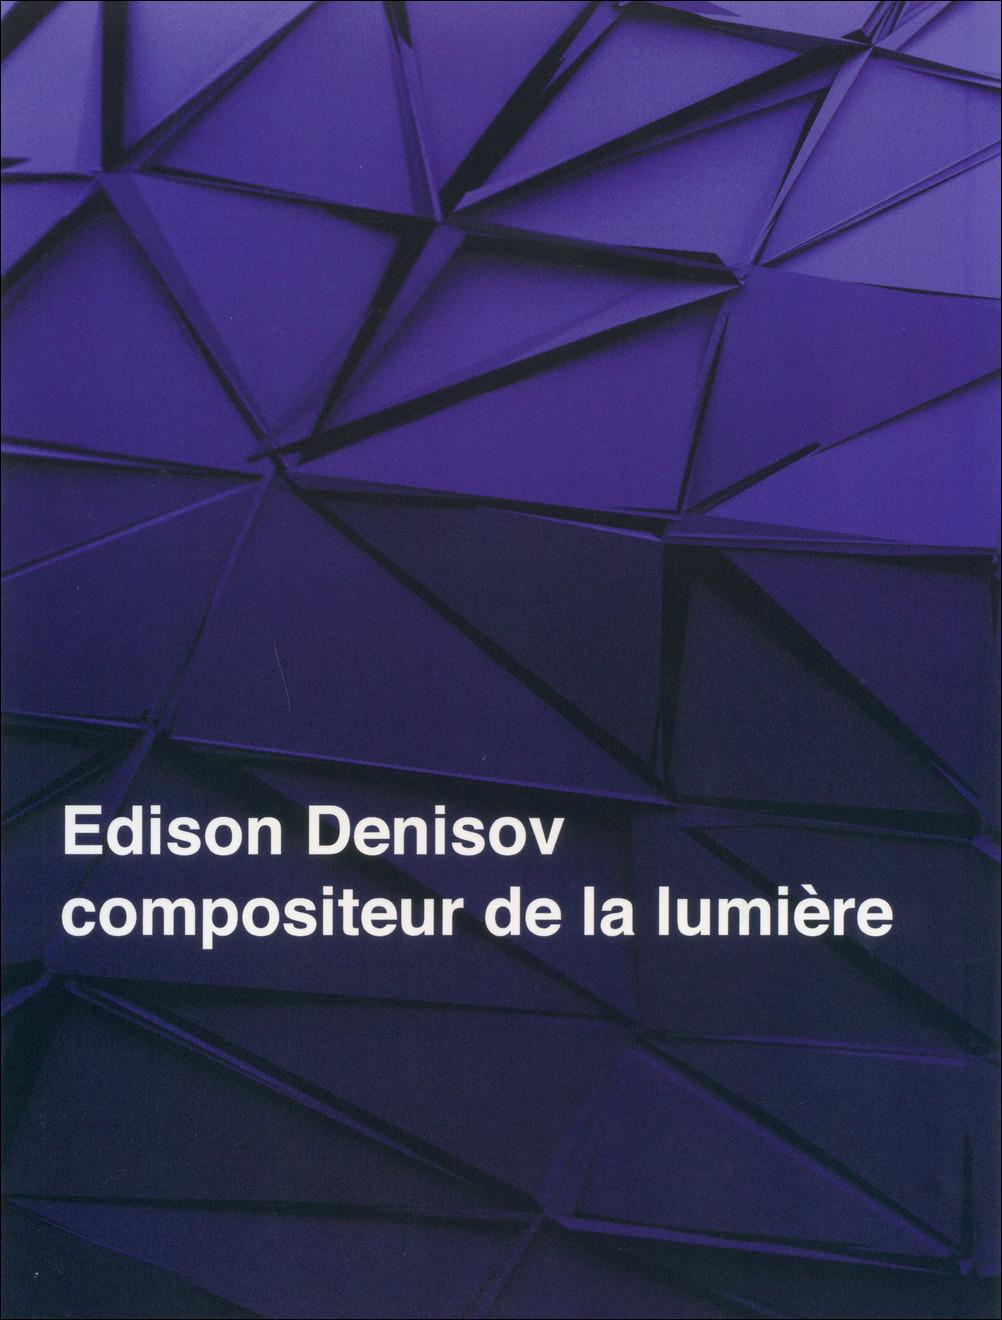 EDISON DENISOV, COMPOSITEUR DE LA LUMIERE